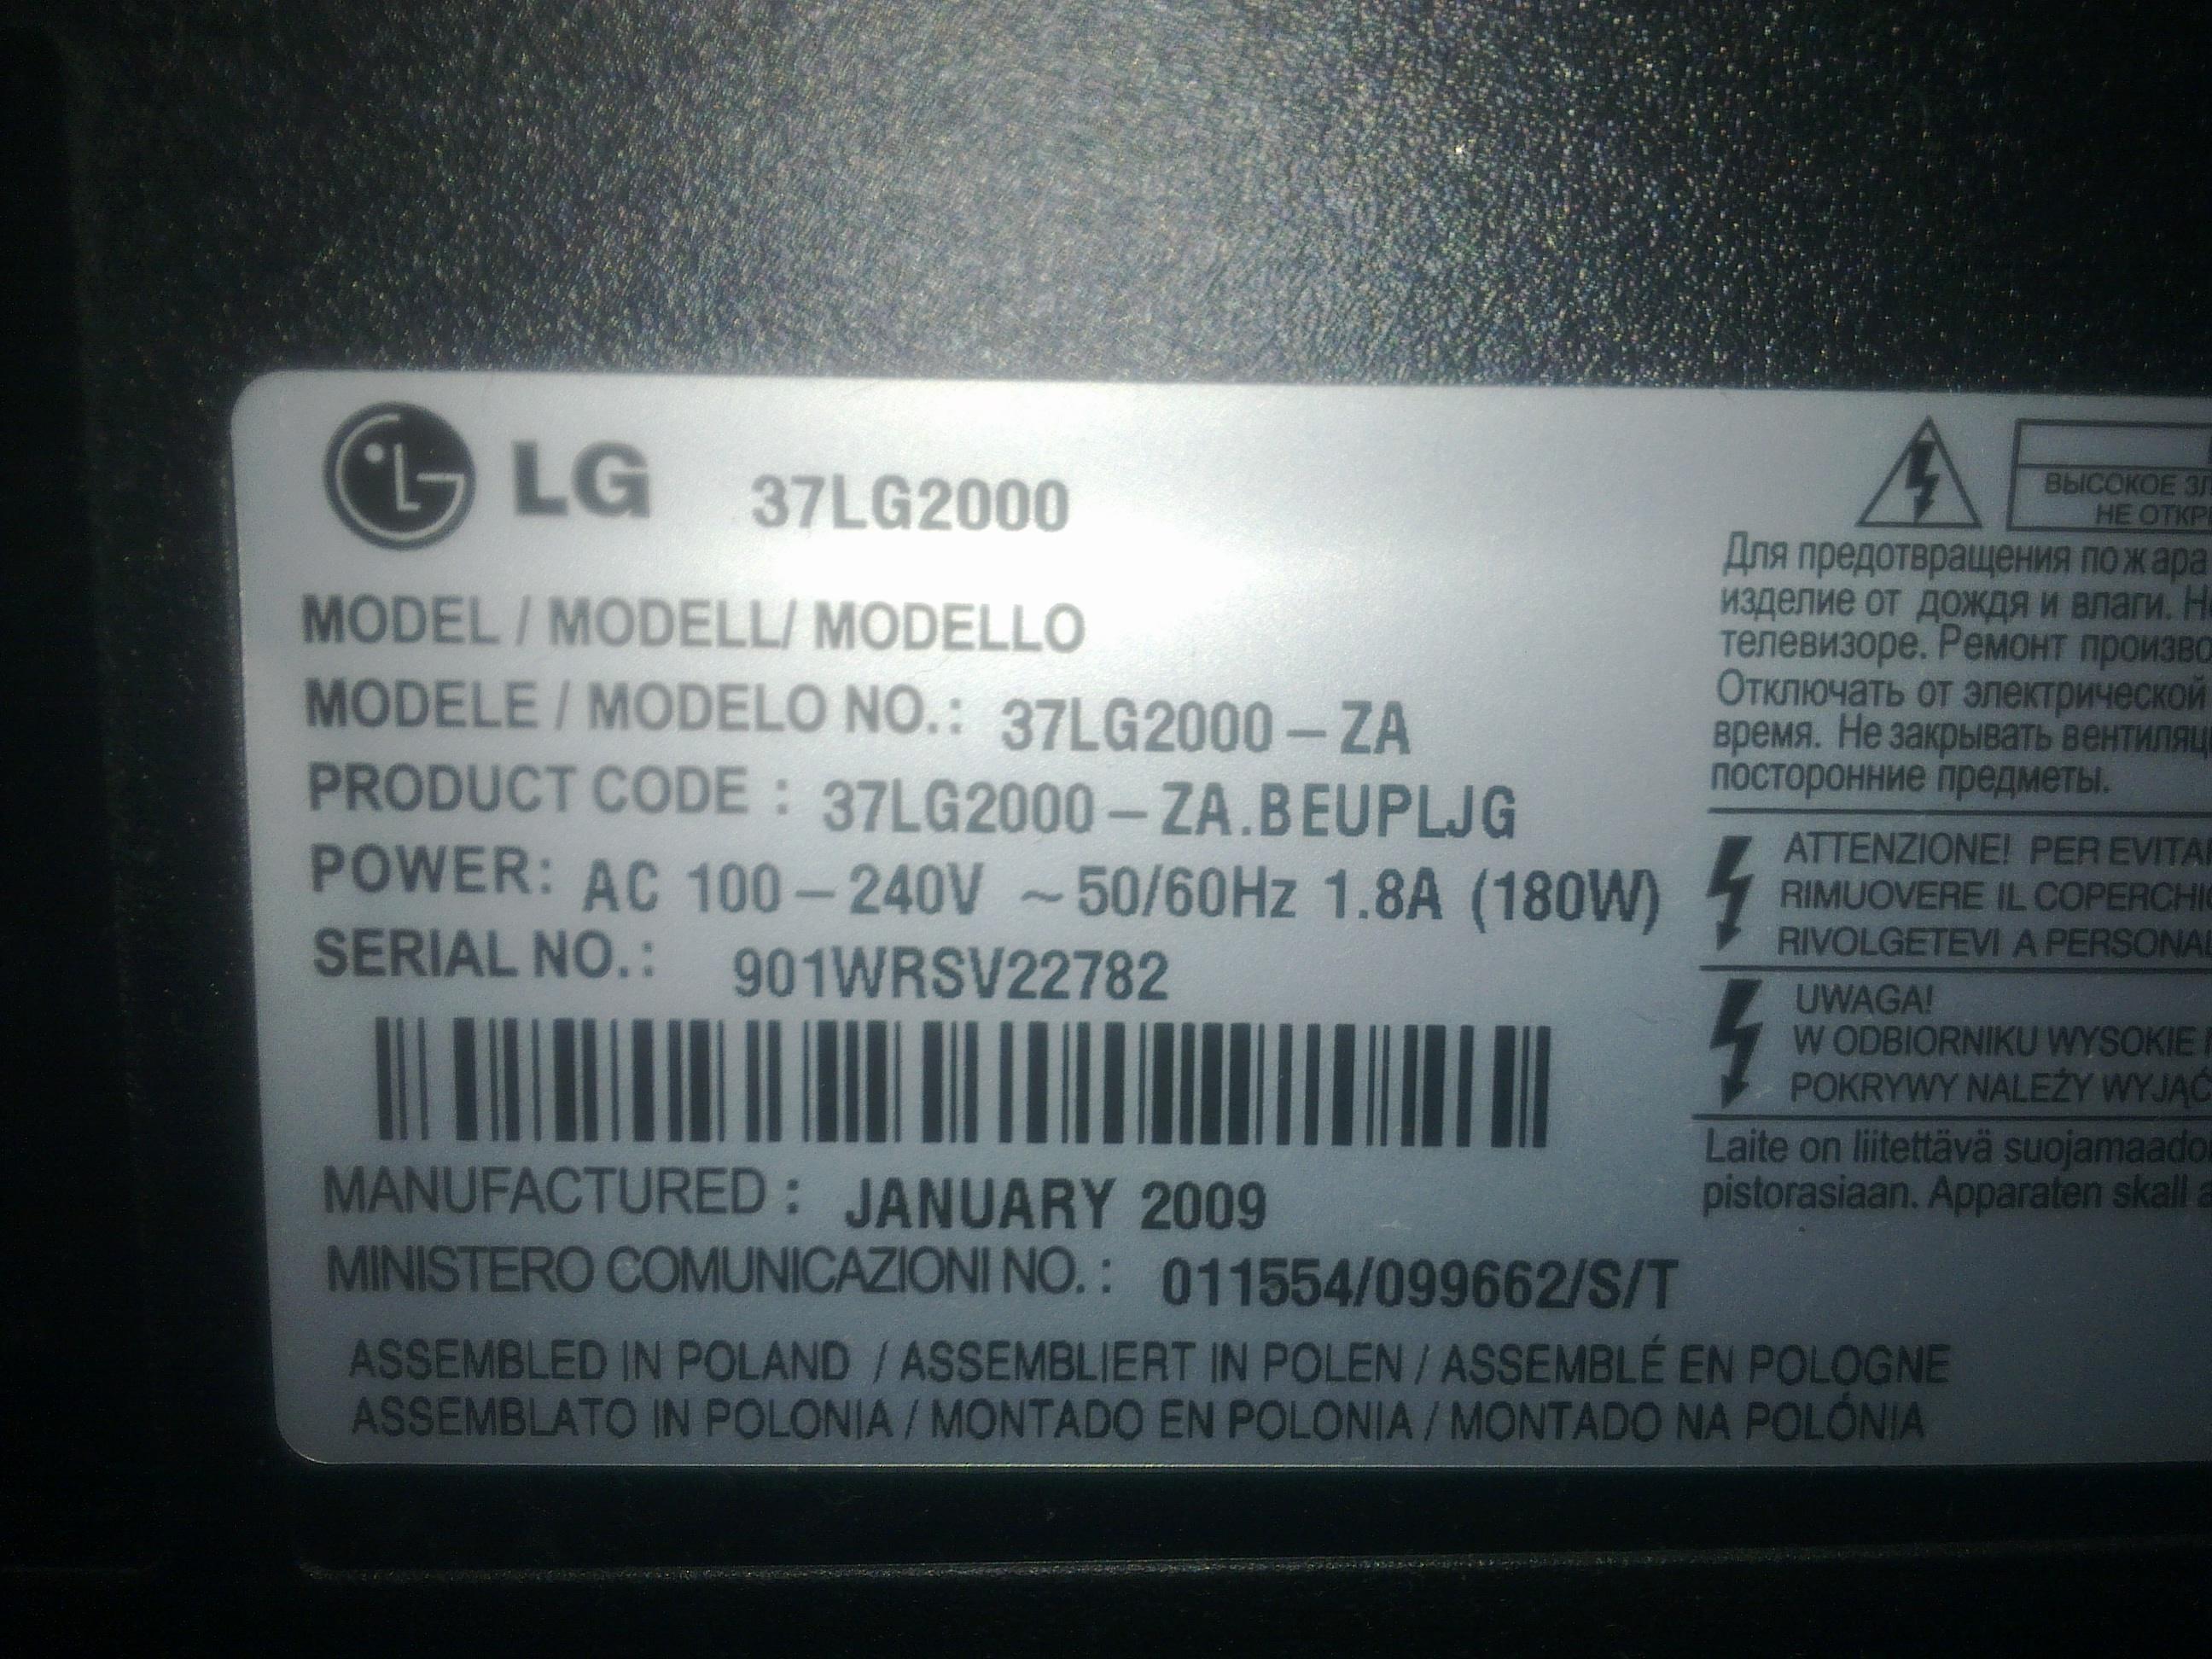 [Zlec�] Zlec� naprawe  telewizora LG372000 Matryca + jej wymiana